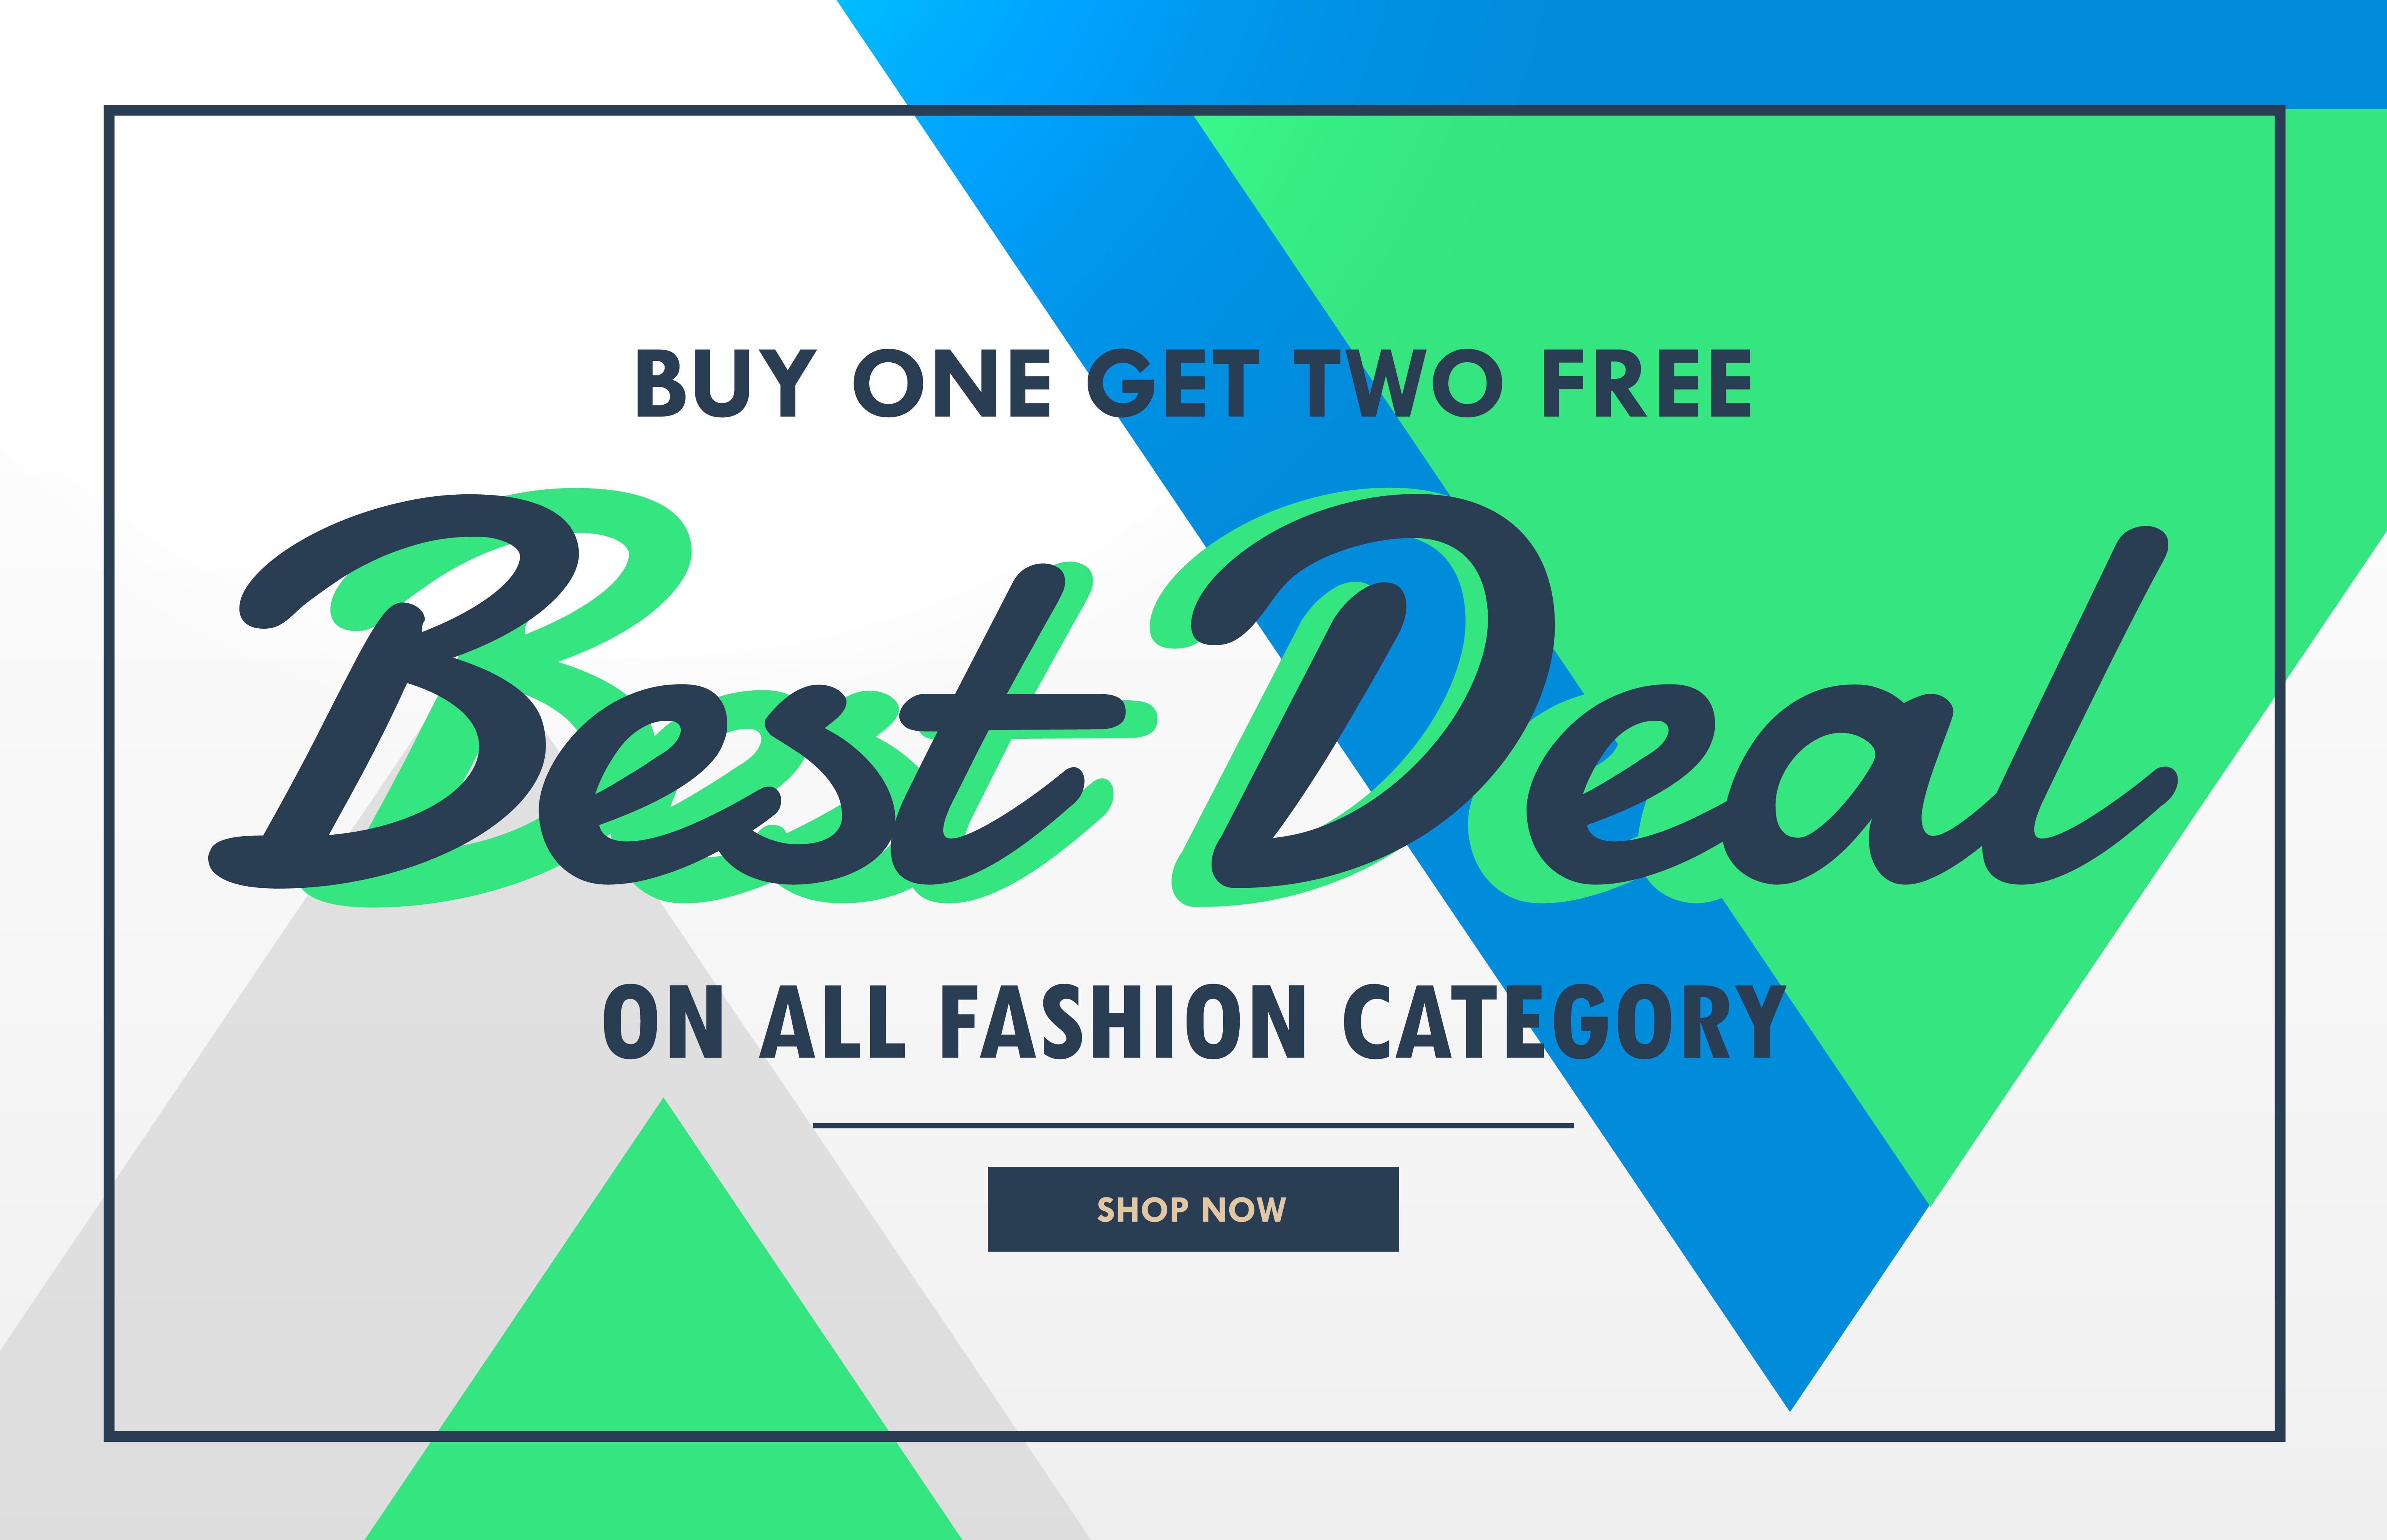 6200x4000 Hot Deal Free Vector Art